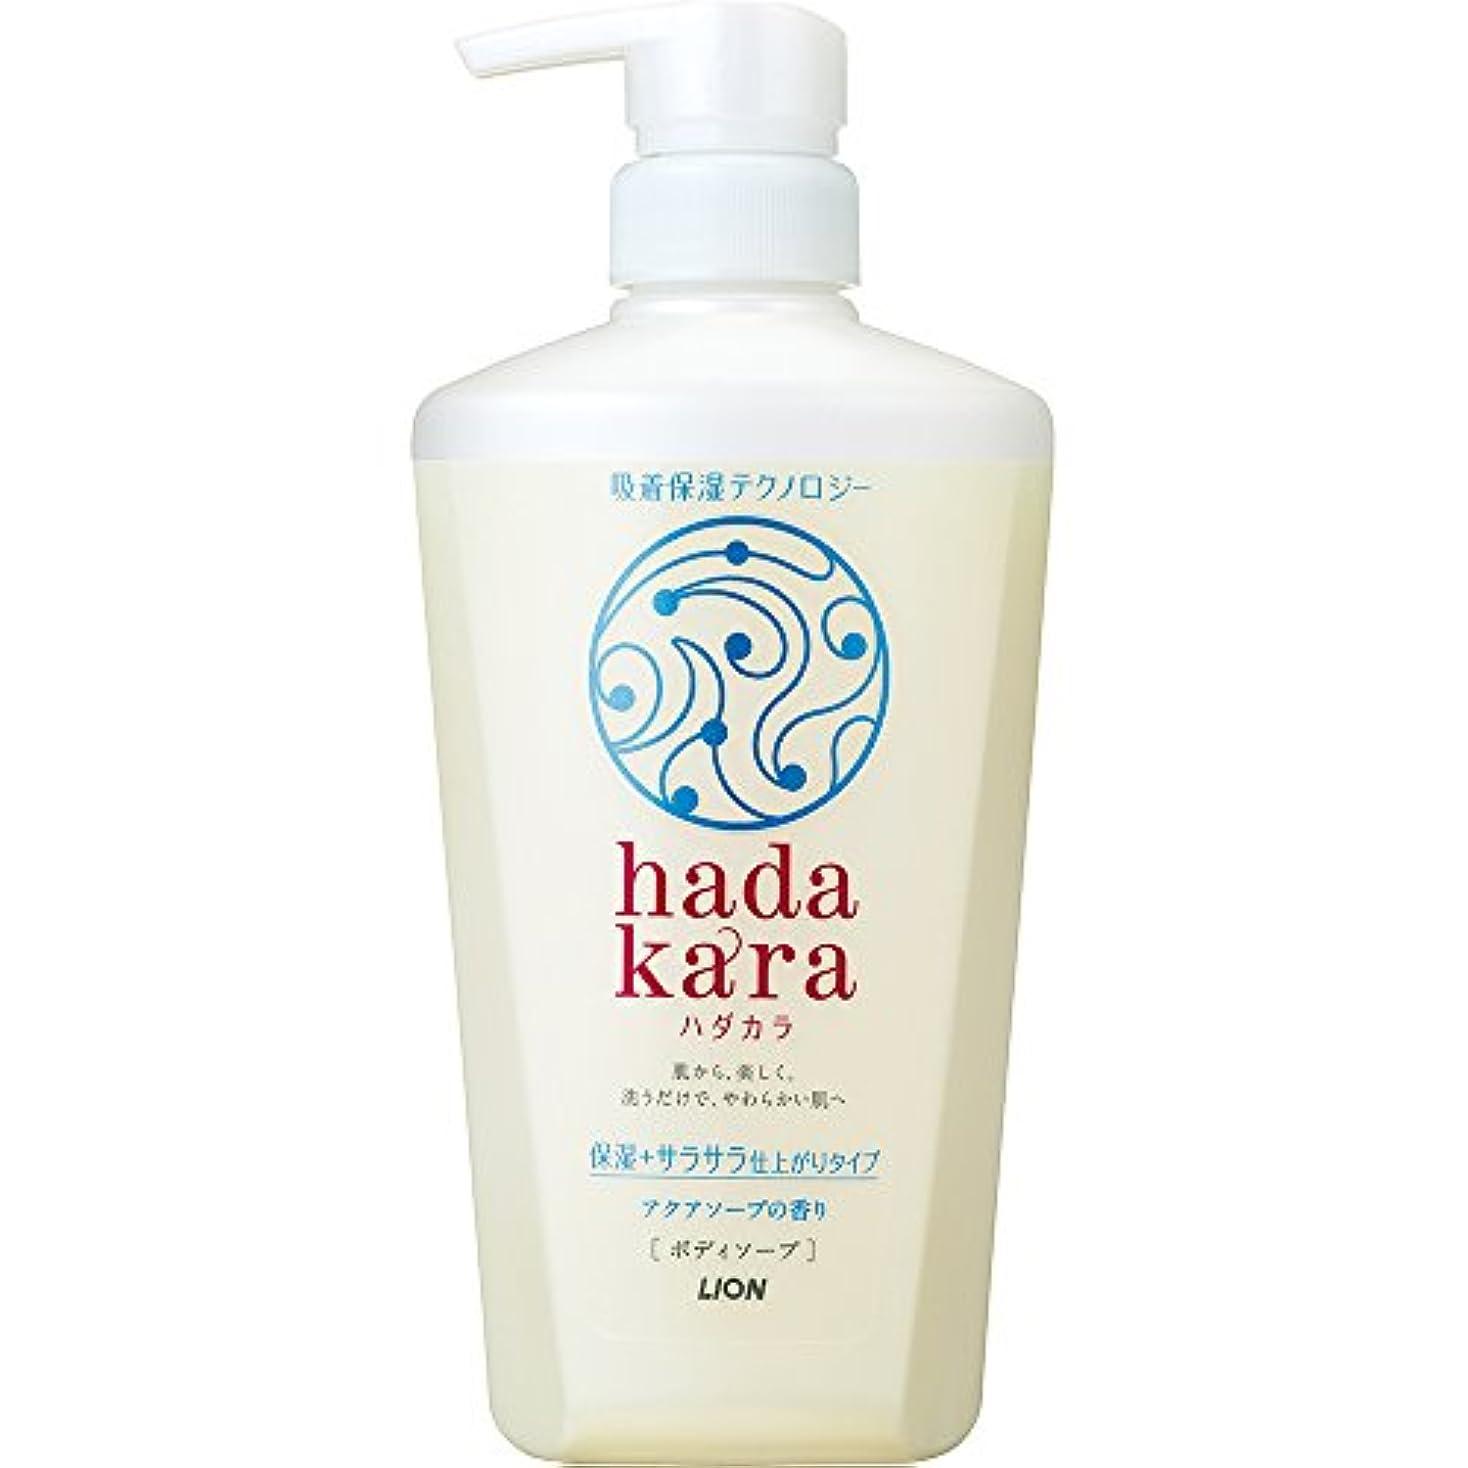 誘うトラフ青hadakara(ハダカラ) ボディソープ 保湿+サラサラ仕上がりタイプ アクアソープの香り 本体 480ml